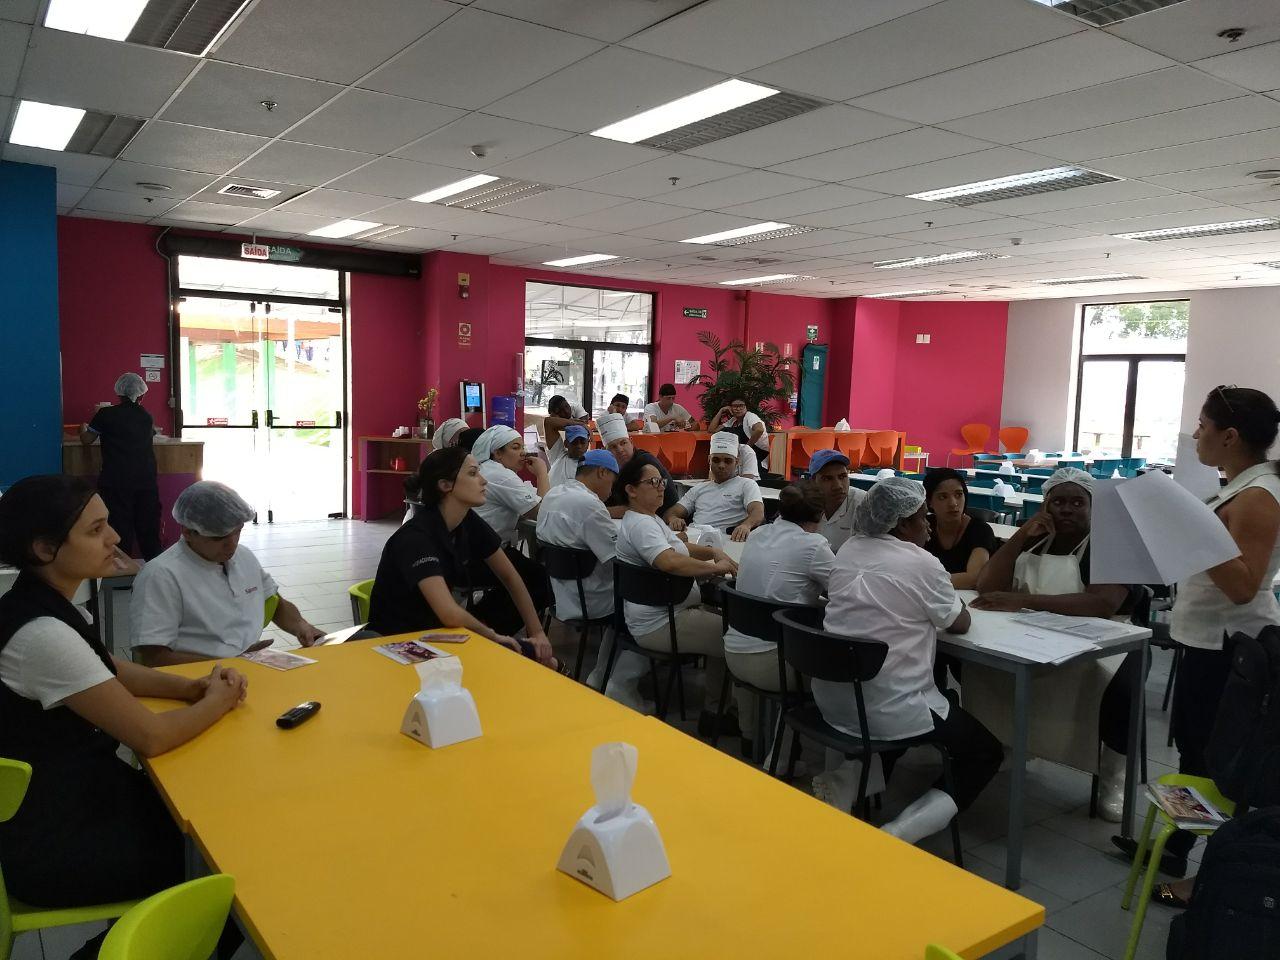 Visita Unidade Da Sapore Na Empresa Samsung Em Campinas Sintercamp